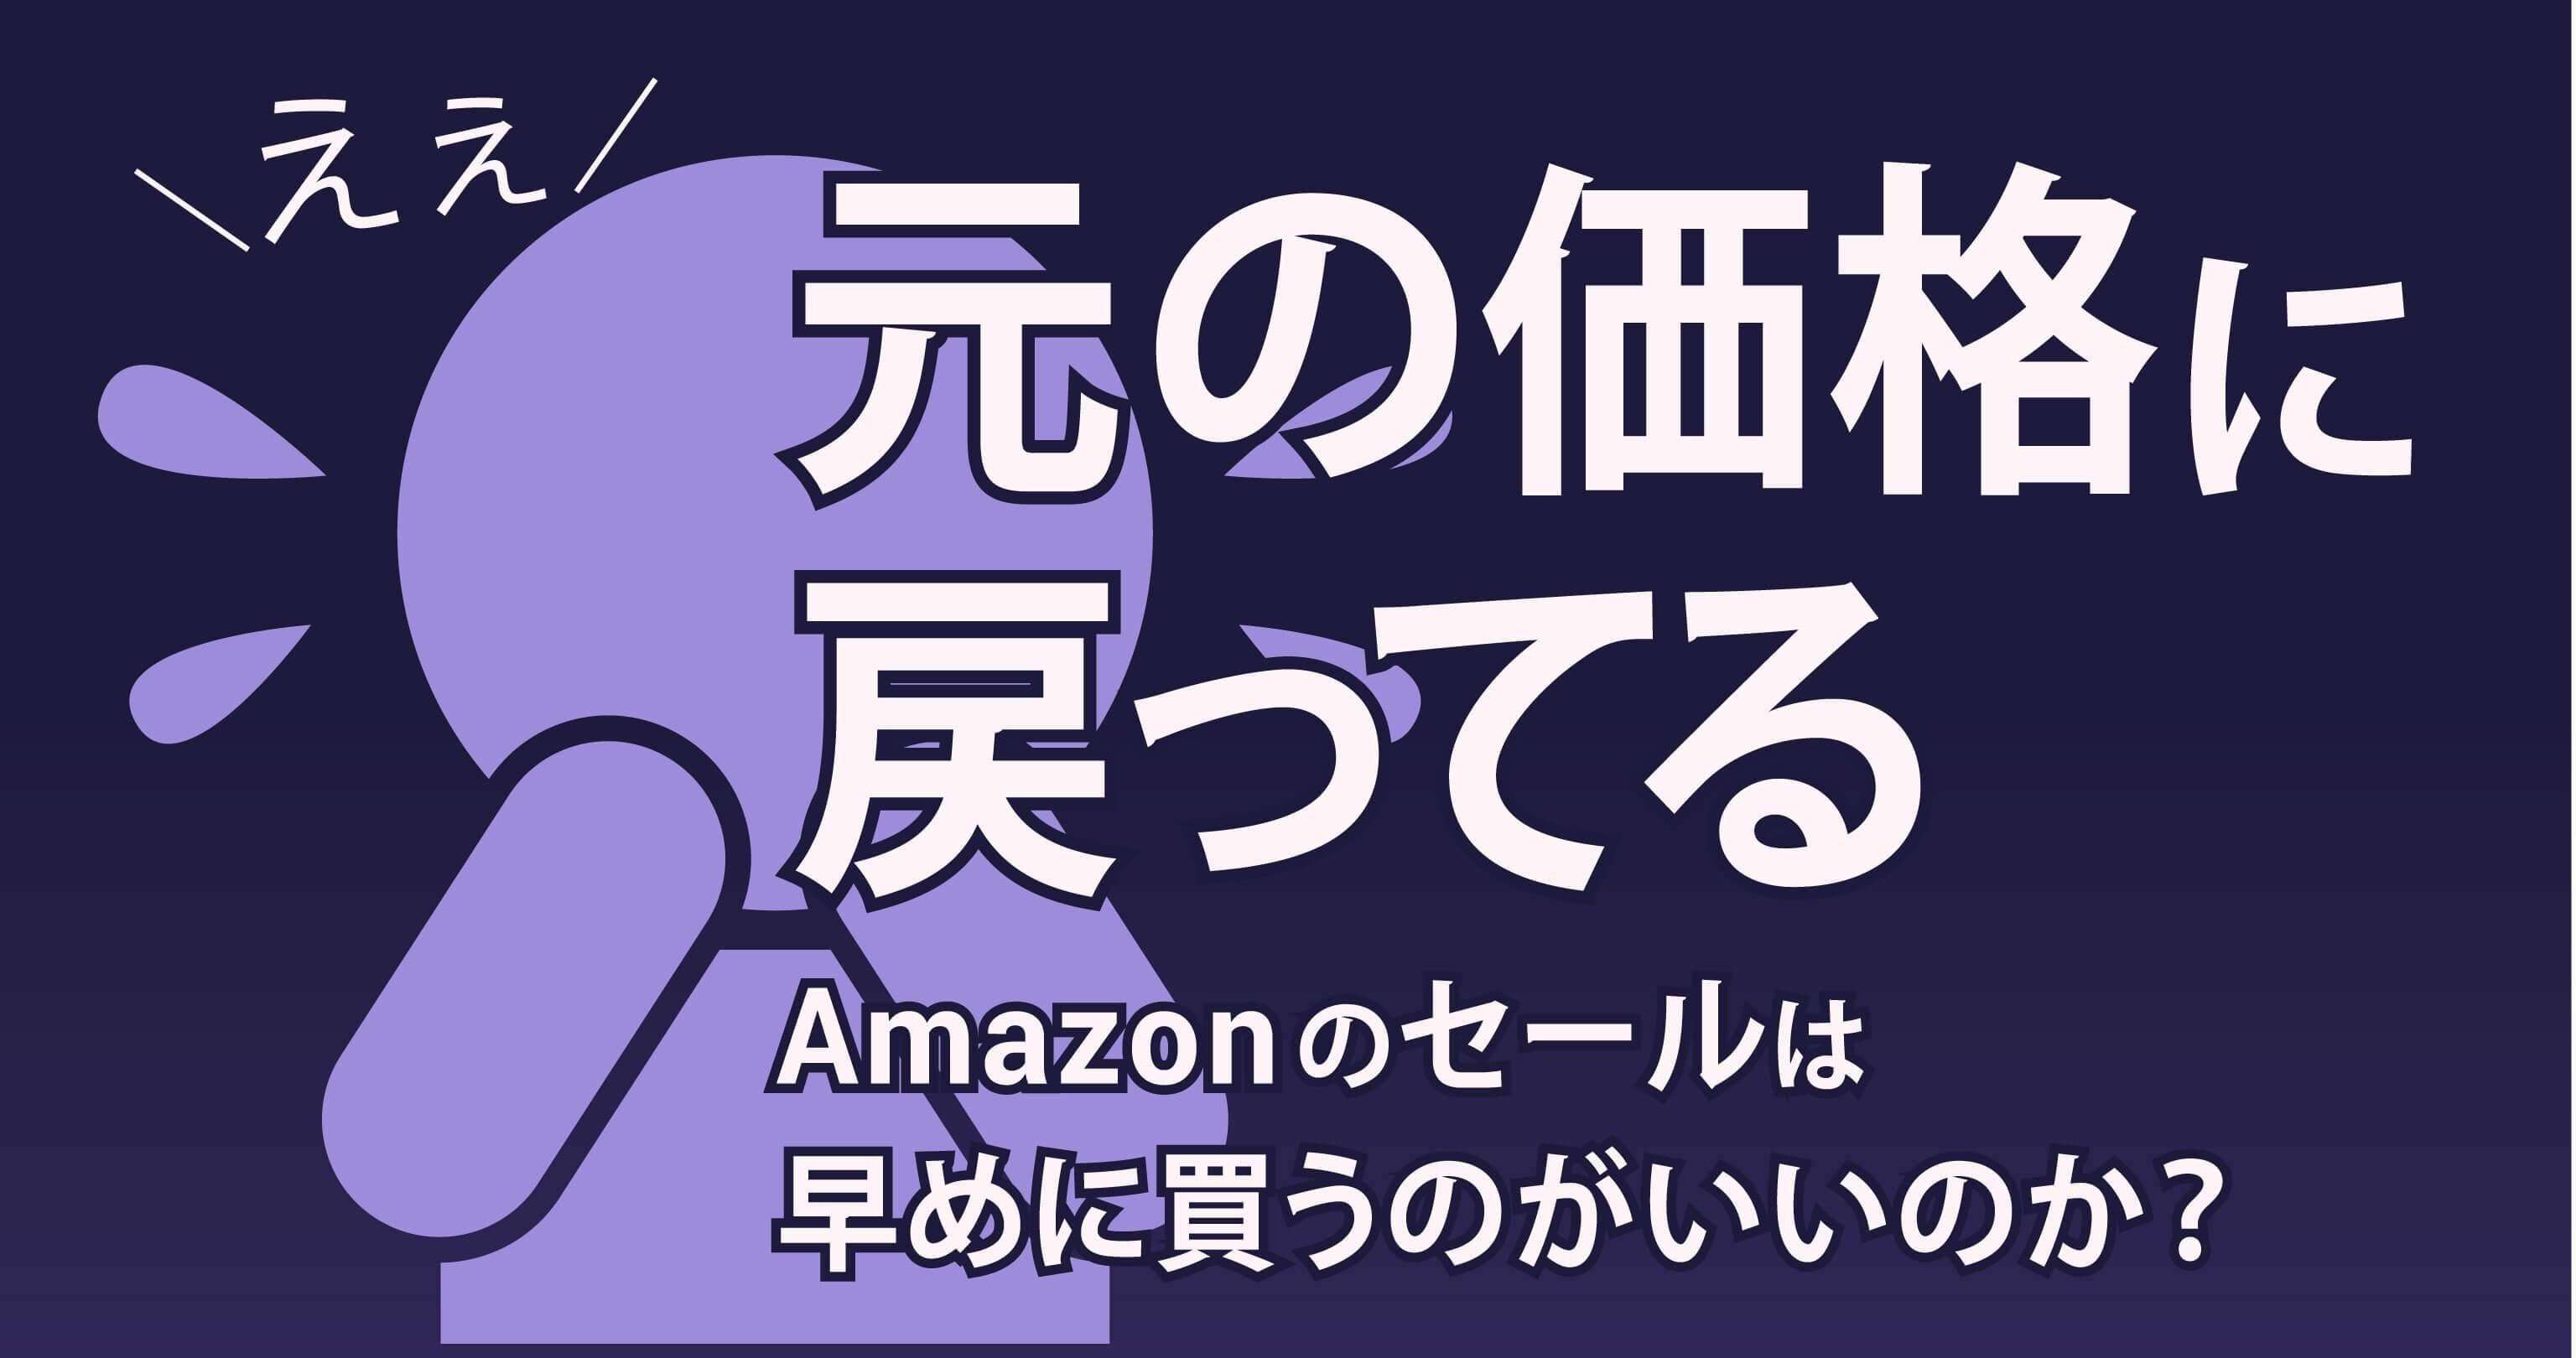 食品も安いぞ!Amazonブラックフライデーお得情報2020